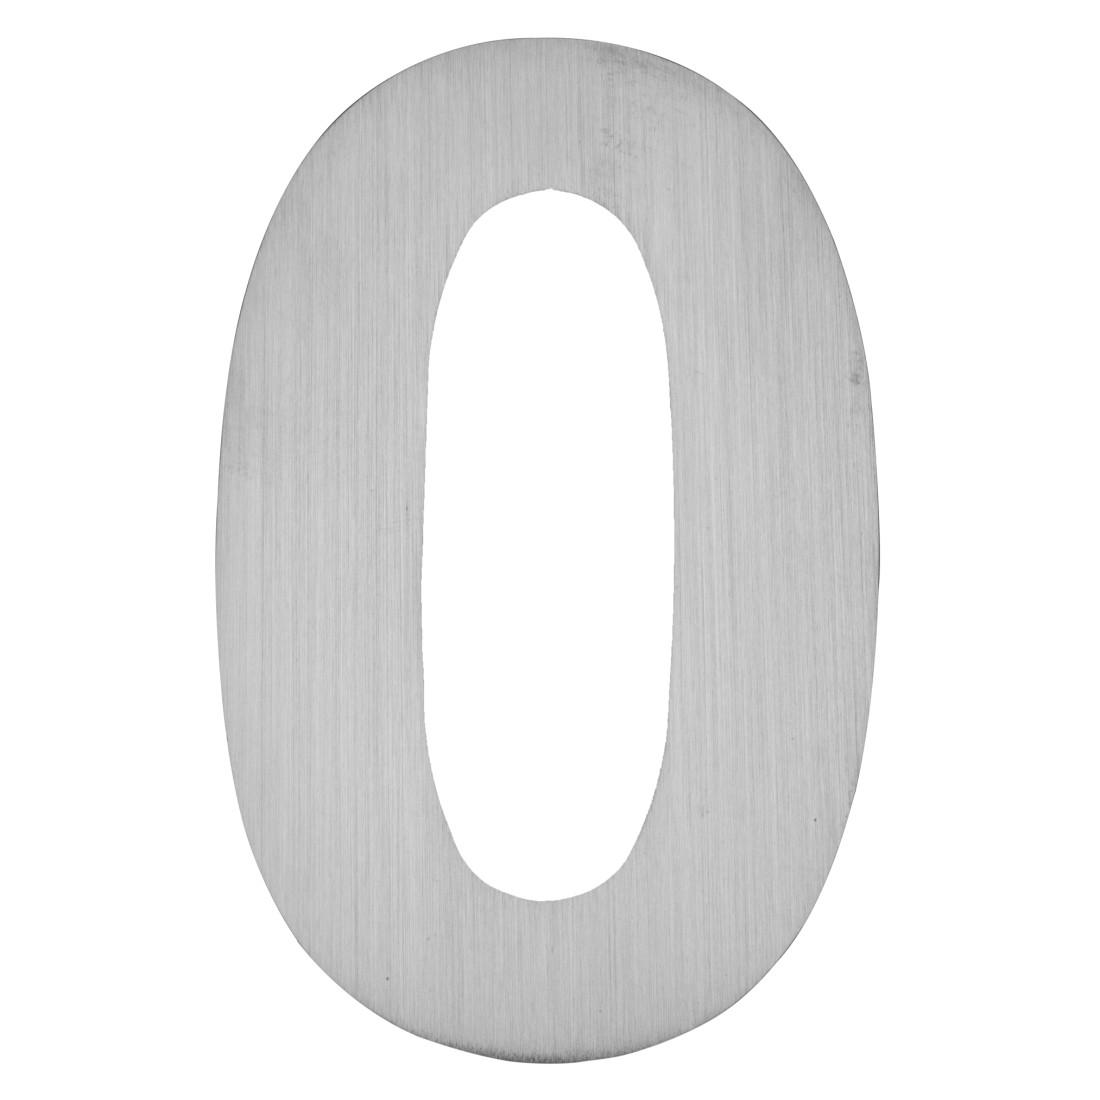 Hausnummer zum Aufkleben 0 - Matt Gebürstet Edelstahl Matt Gebürstet Silber, Serafini